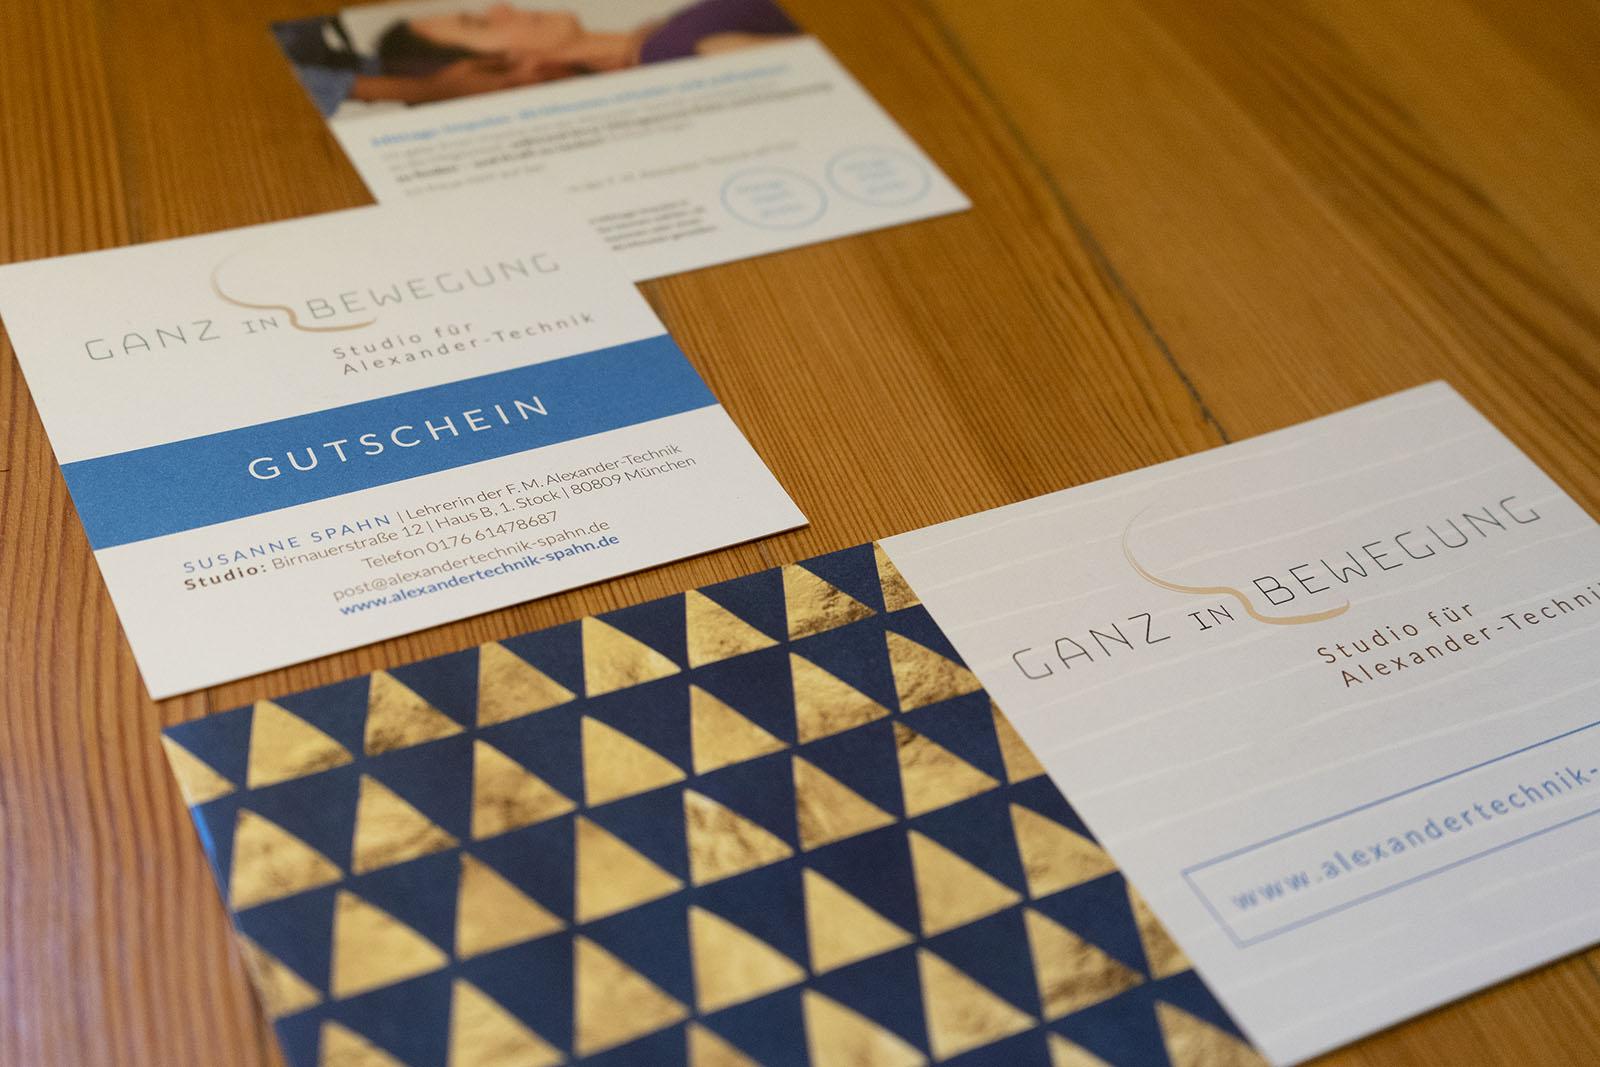 Gestaltung Drucksachen Heilberufe, Susanne Spahn, Studio für Alexandertechnik, München – Logo, Visitenkarte, Gutschein, Flyer